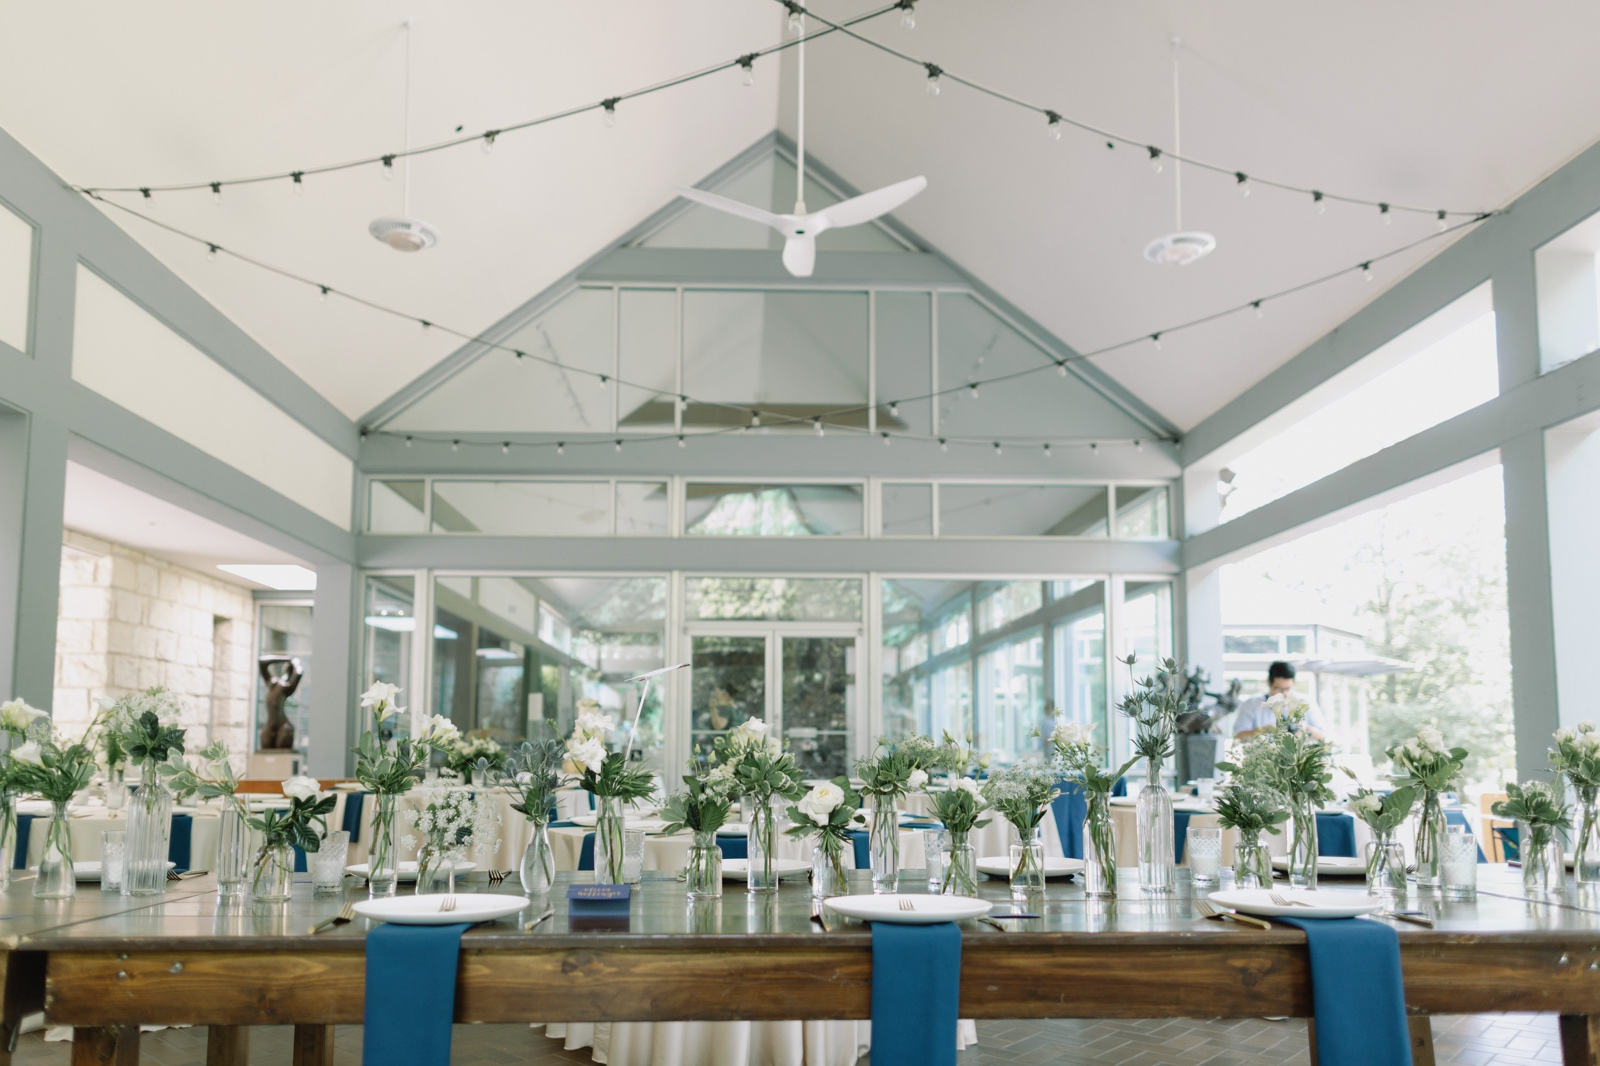 Green and blue wedding reception details in the Umlauf Sculpture Garden pavillion